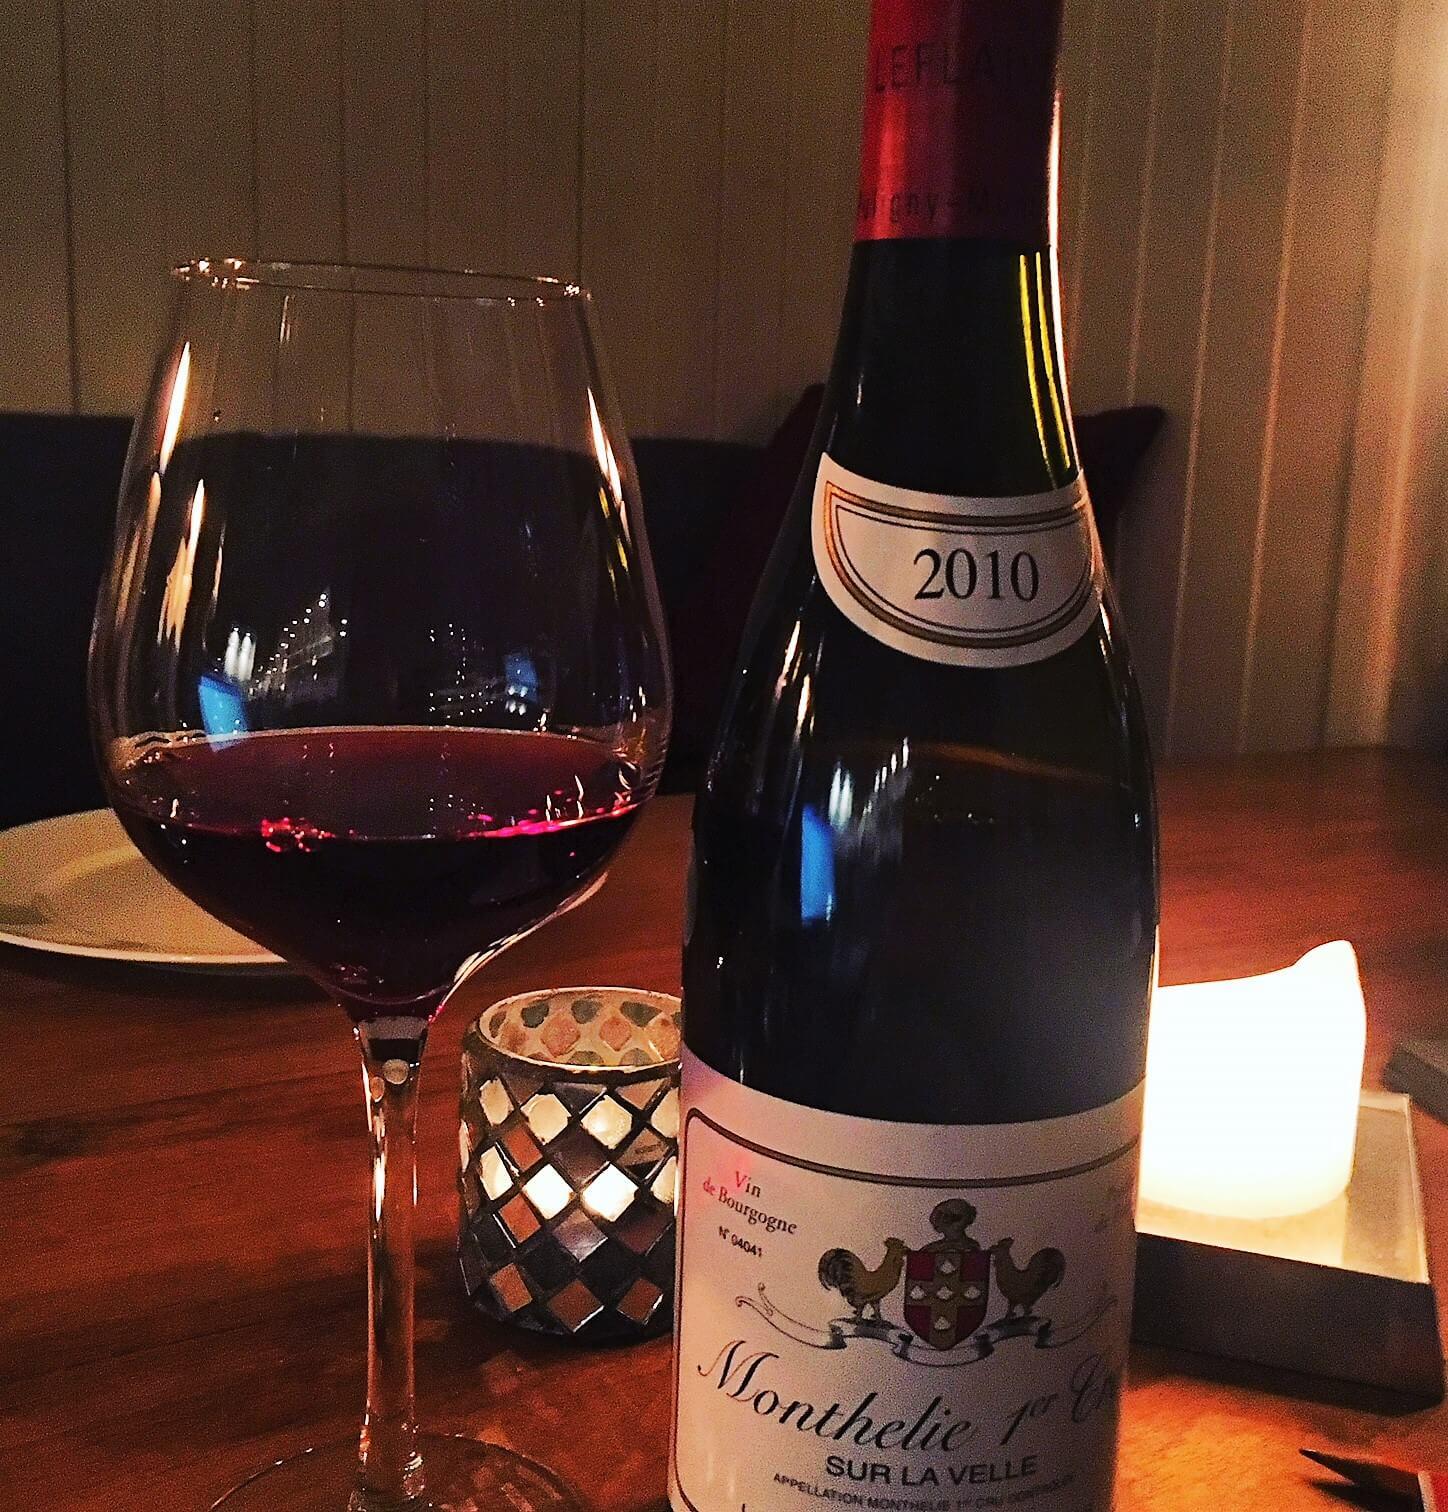 Årets vinslipp fra Bordeaux er klar torsdag 7.12. Mye tyder på at det også i år blir kø utenfor polet, for i år er det mange gode kjøp, ifølge vineksperter.